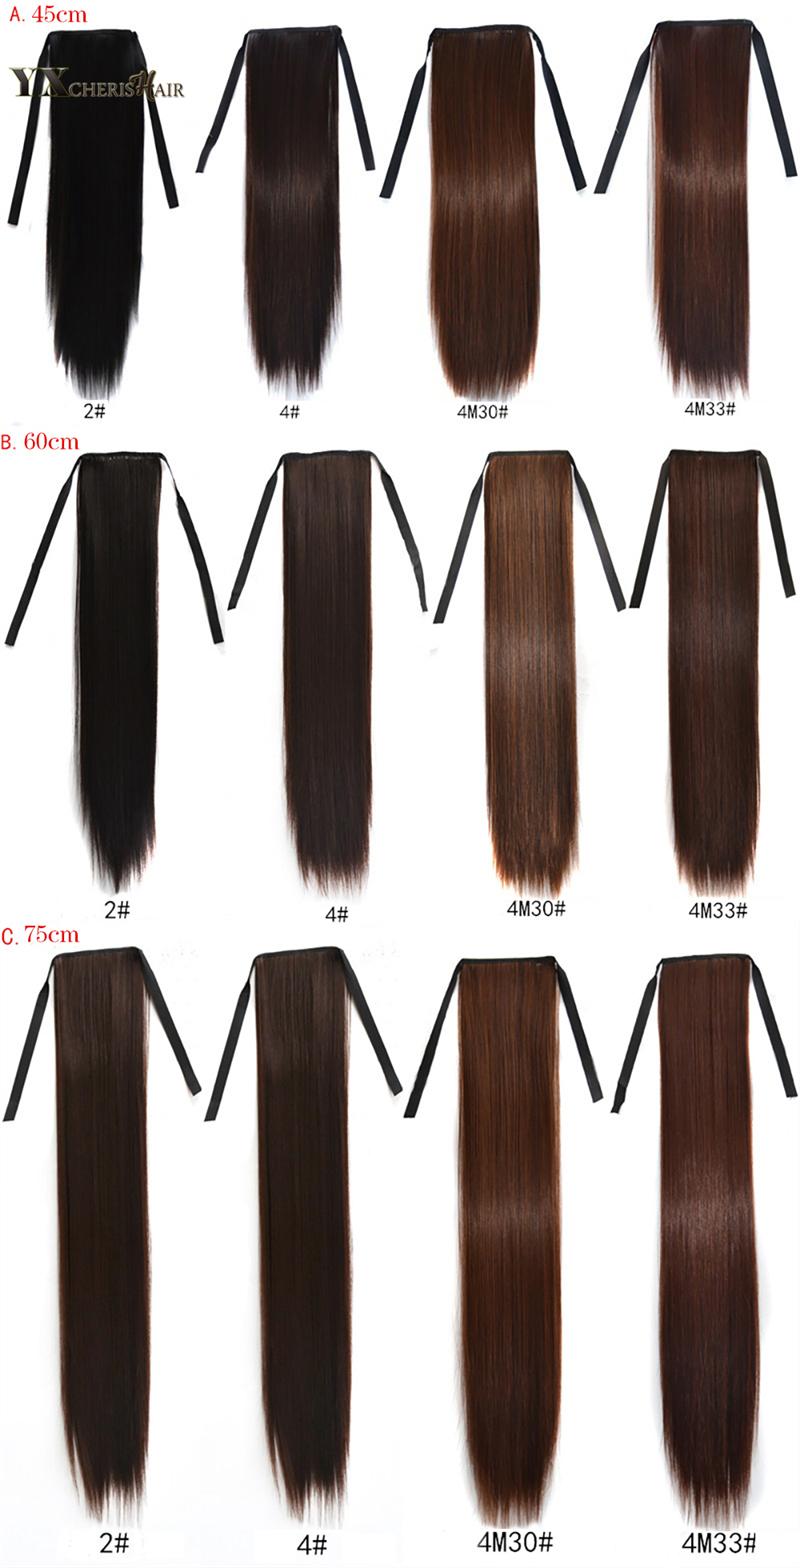 ファッション的な柔らかいカツラのポニーテールはリアルでダンディな髪の長いストレートカツラのポニーテールです。